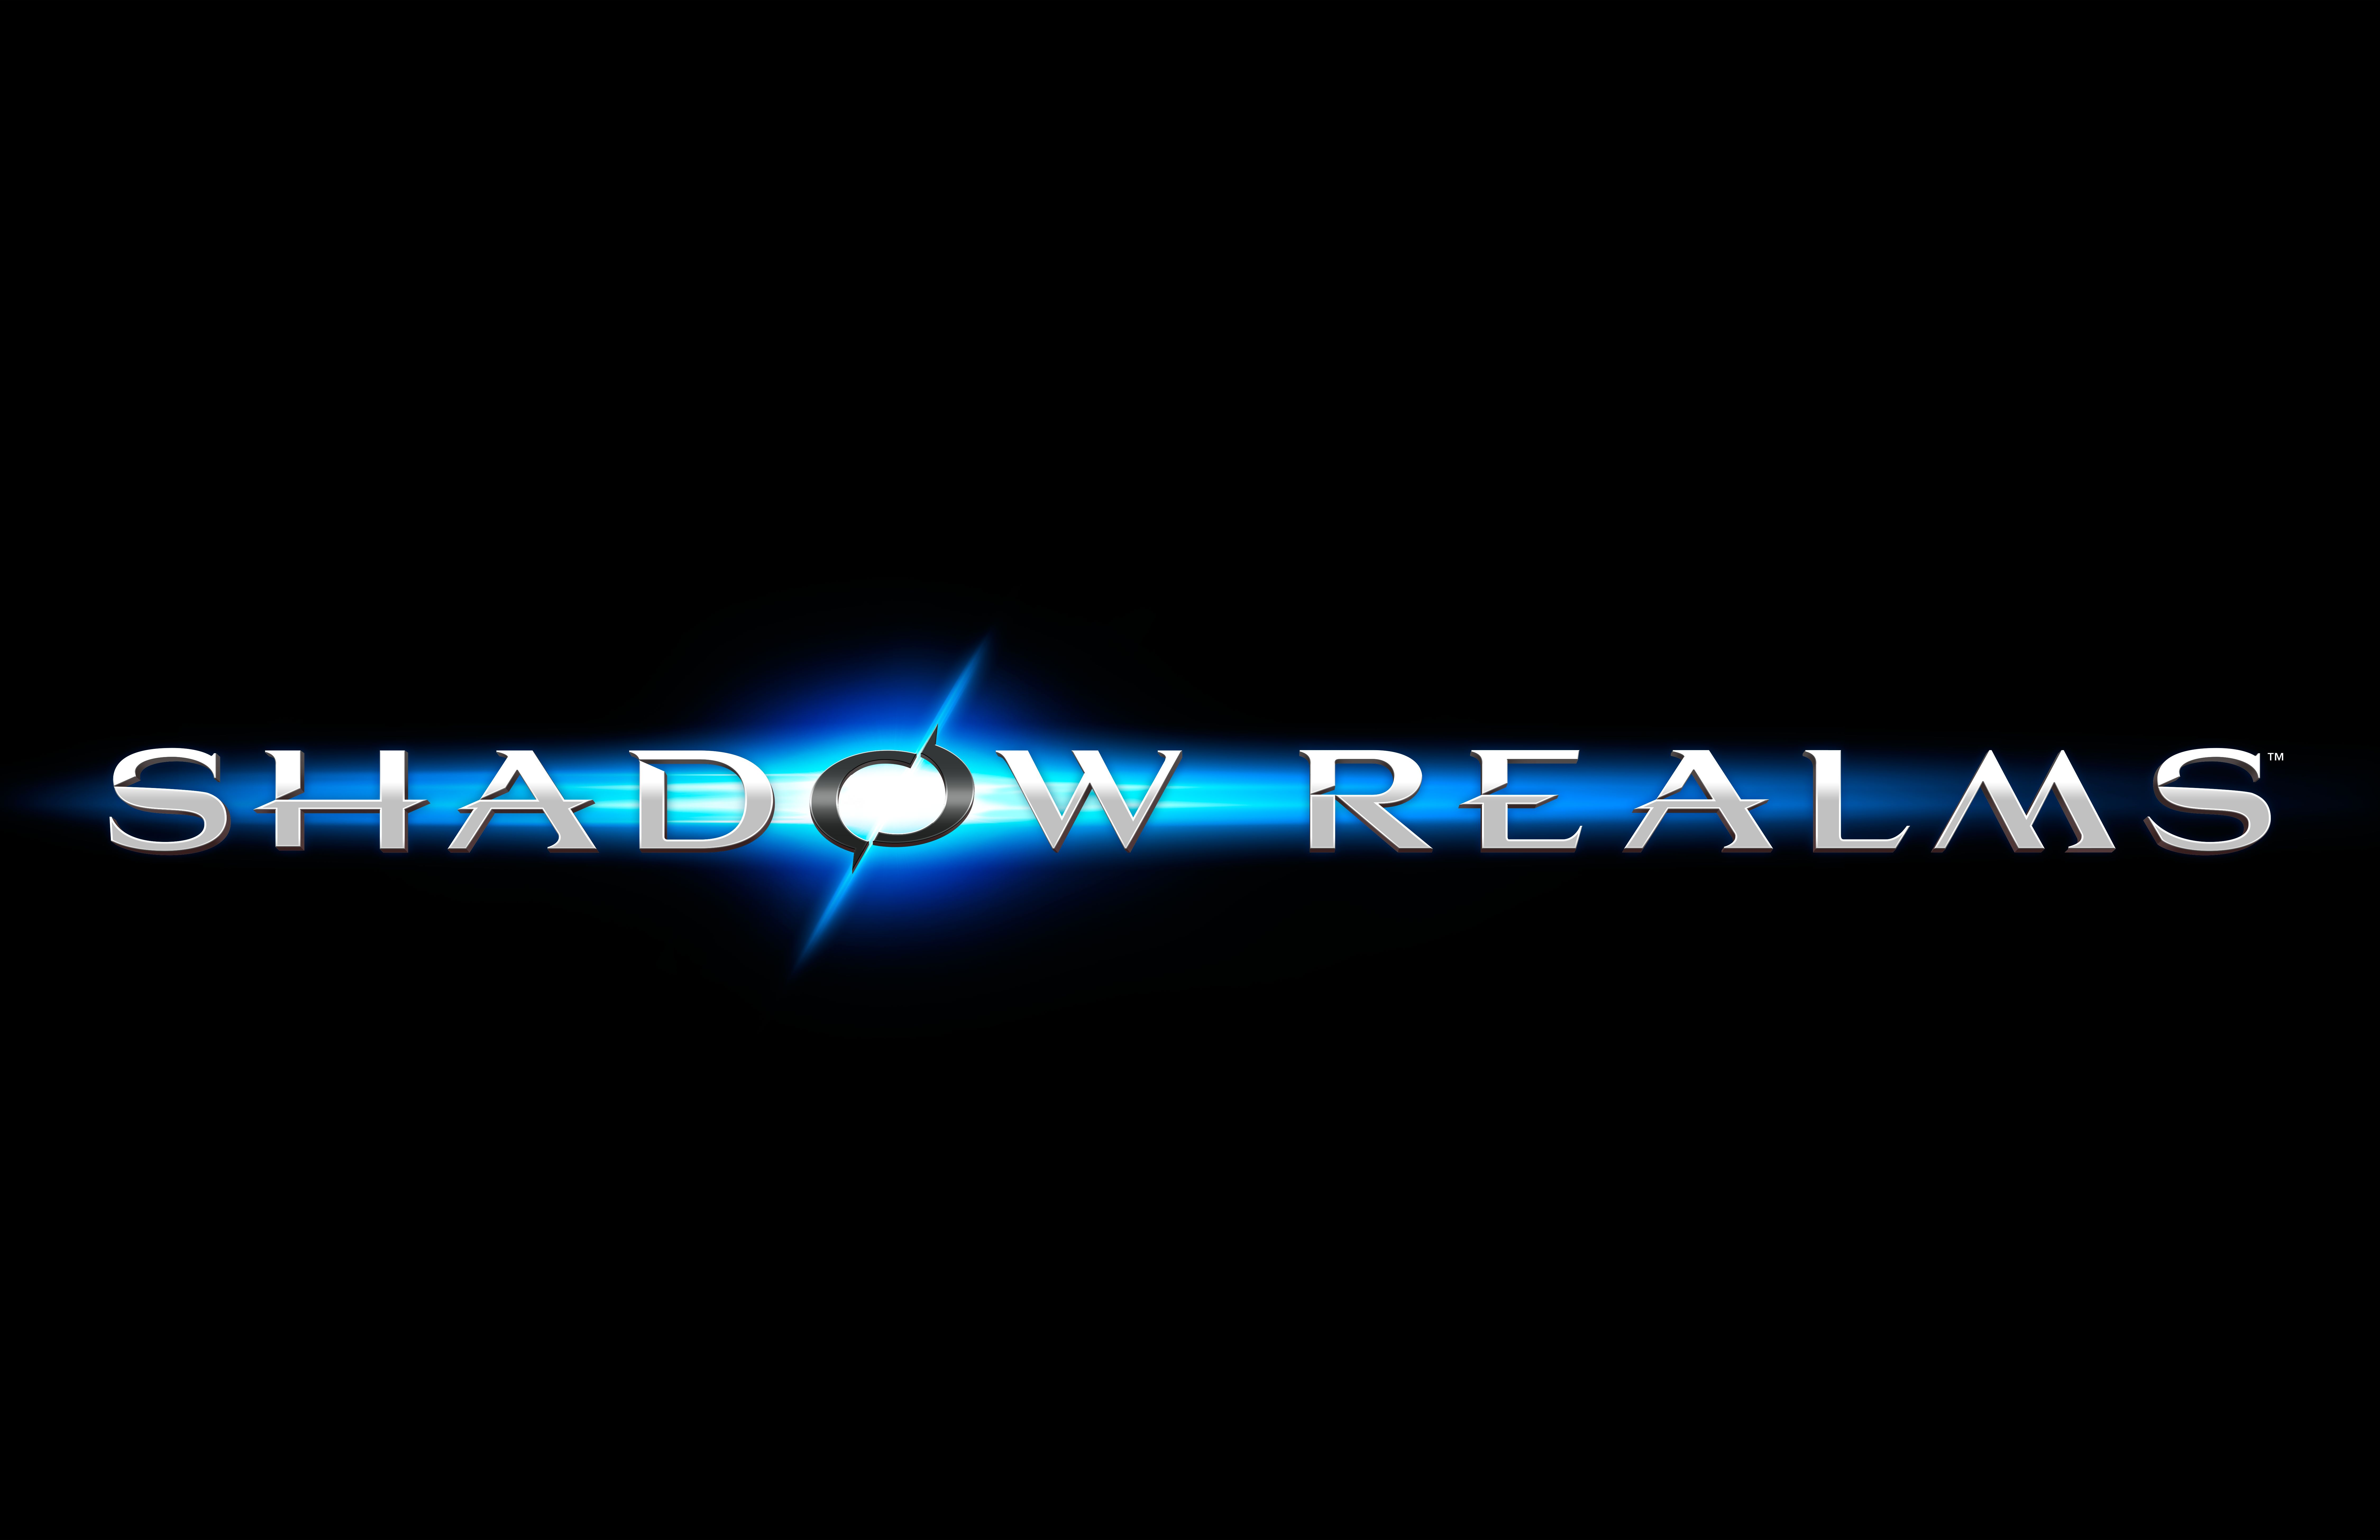 Логотип - Shadow Realms 9K, Арт